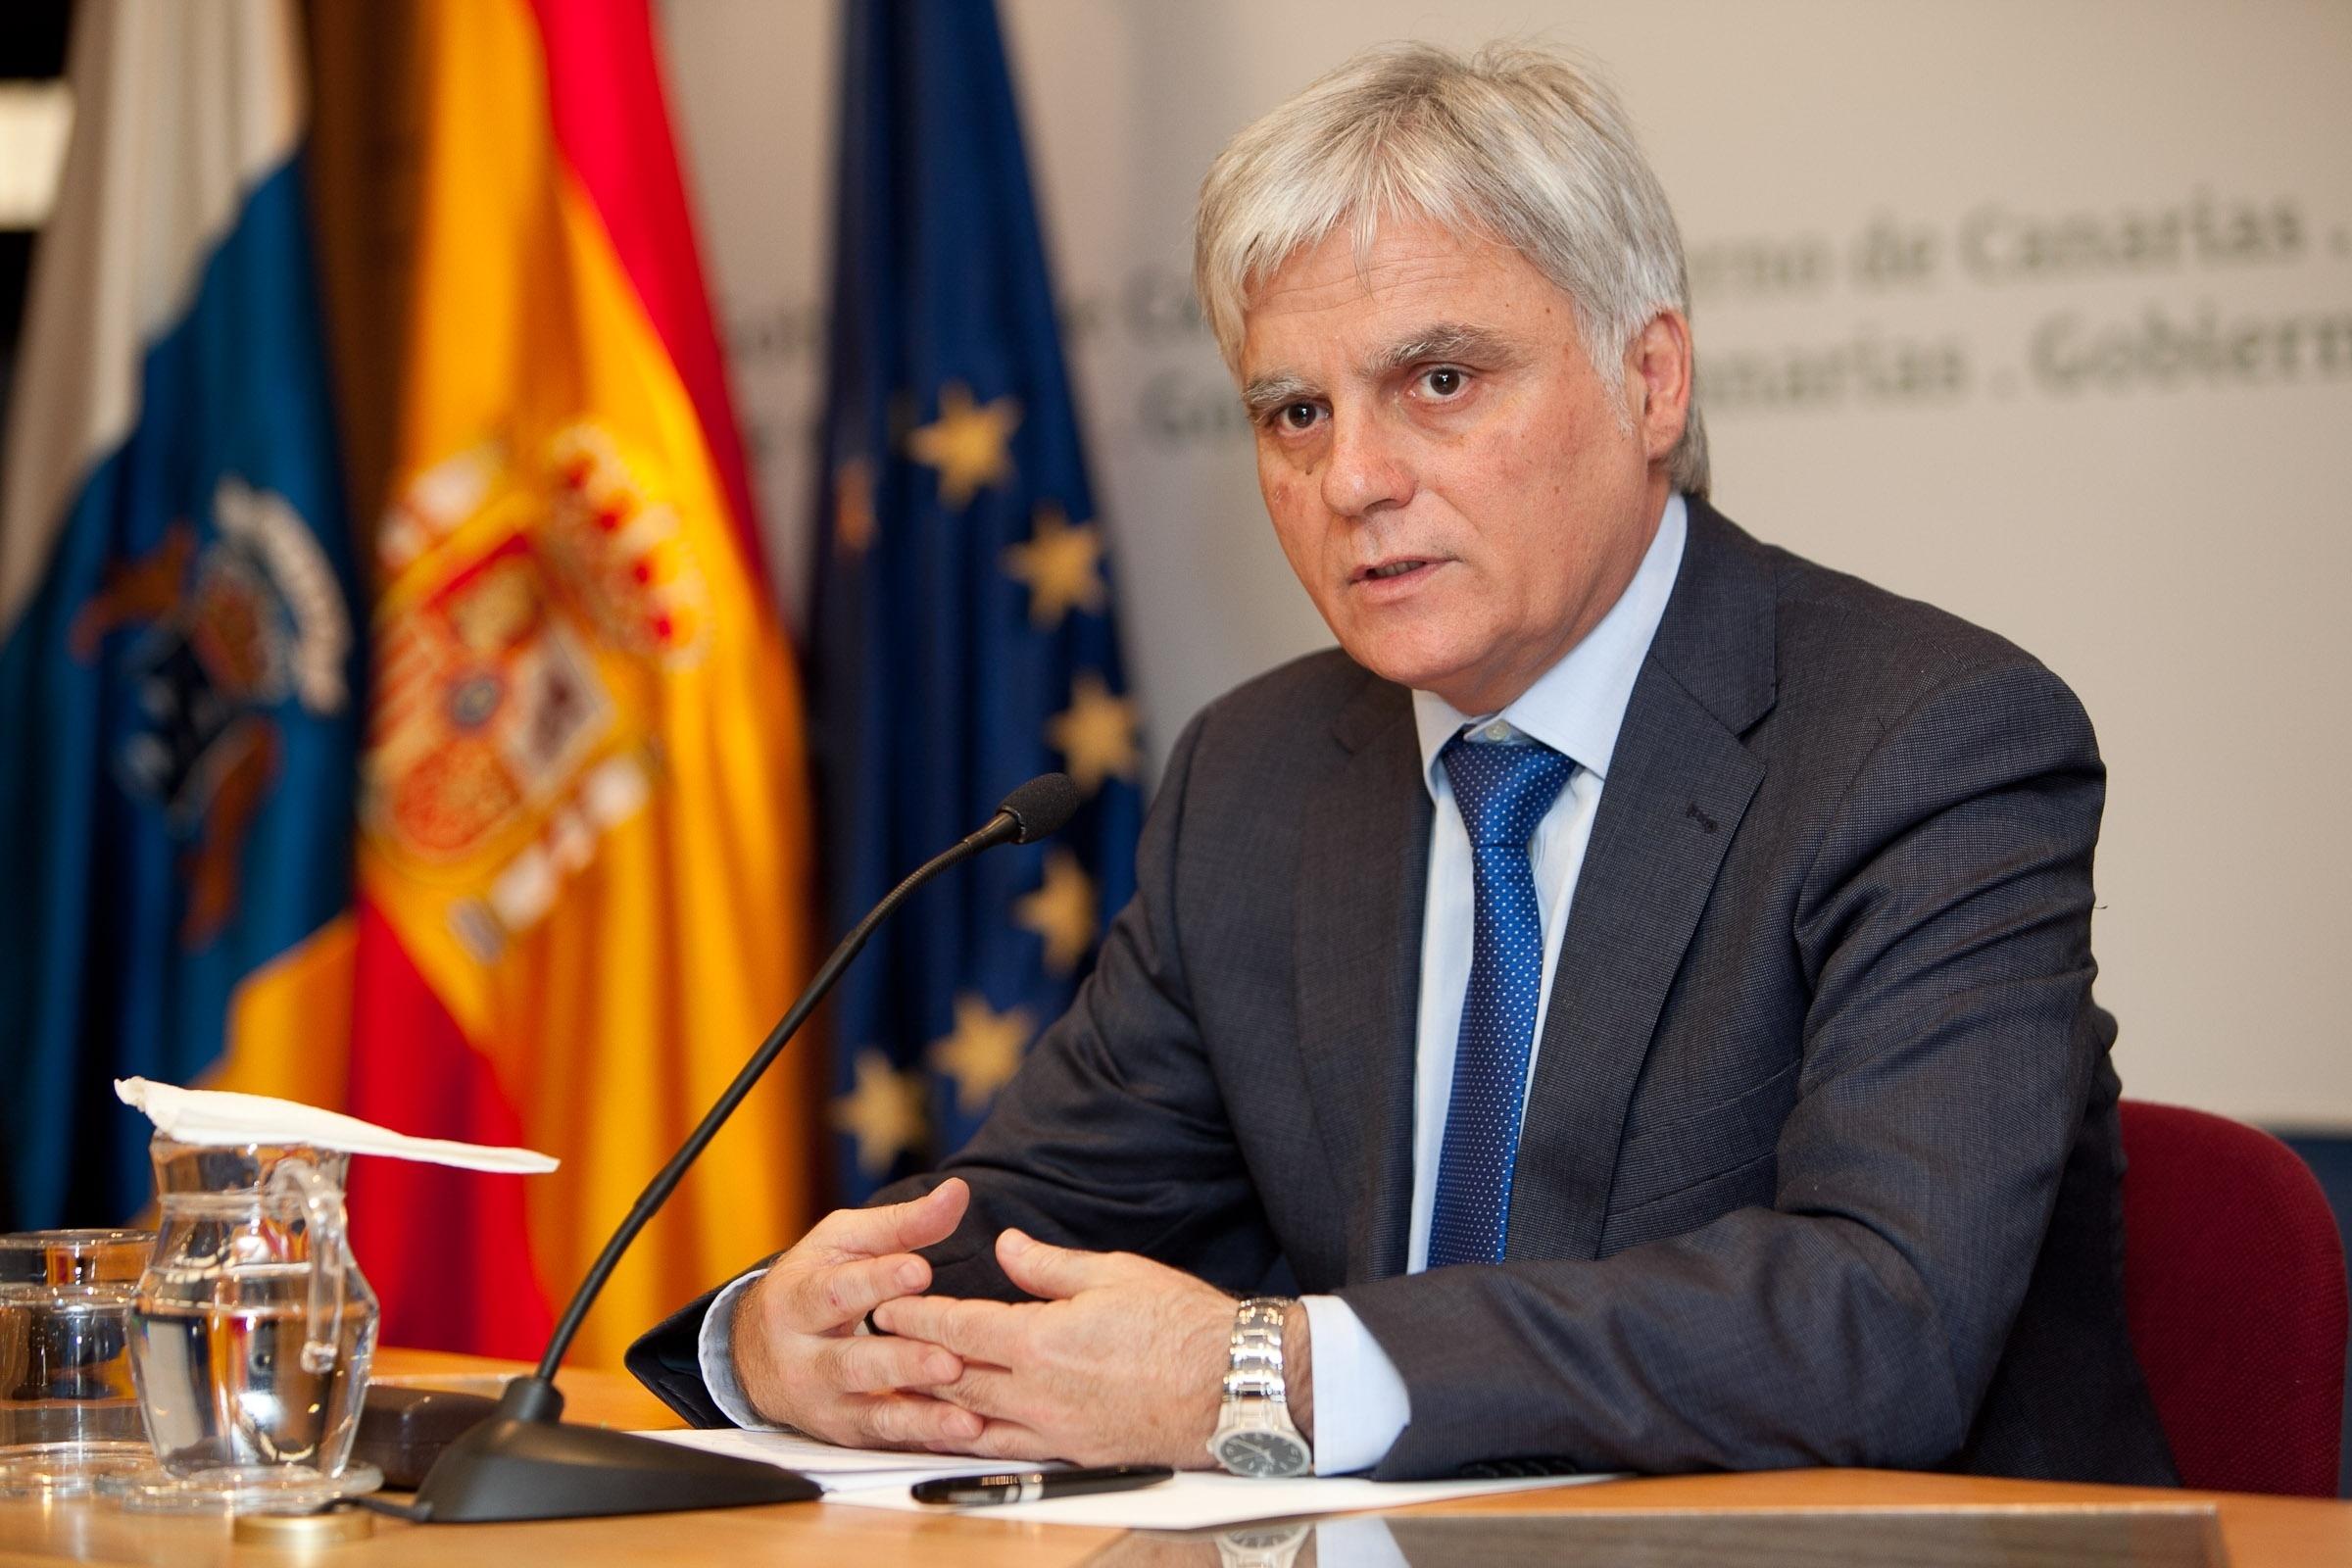 El PSC-PSOE echa en falta en el discurso del Rey que no haya aludido a los responsables de la crisis